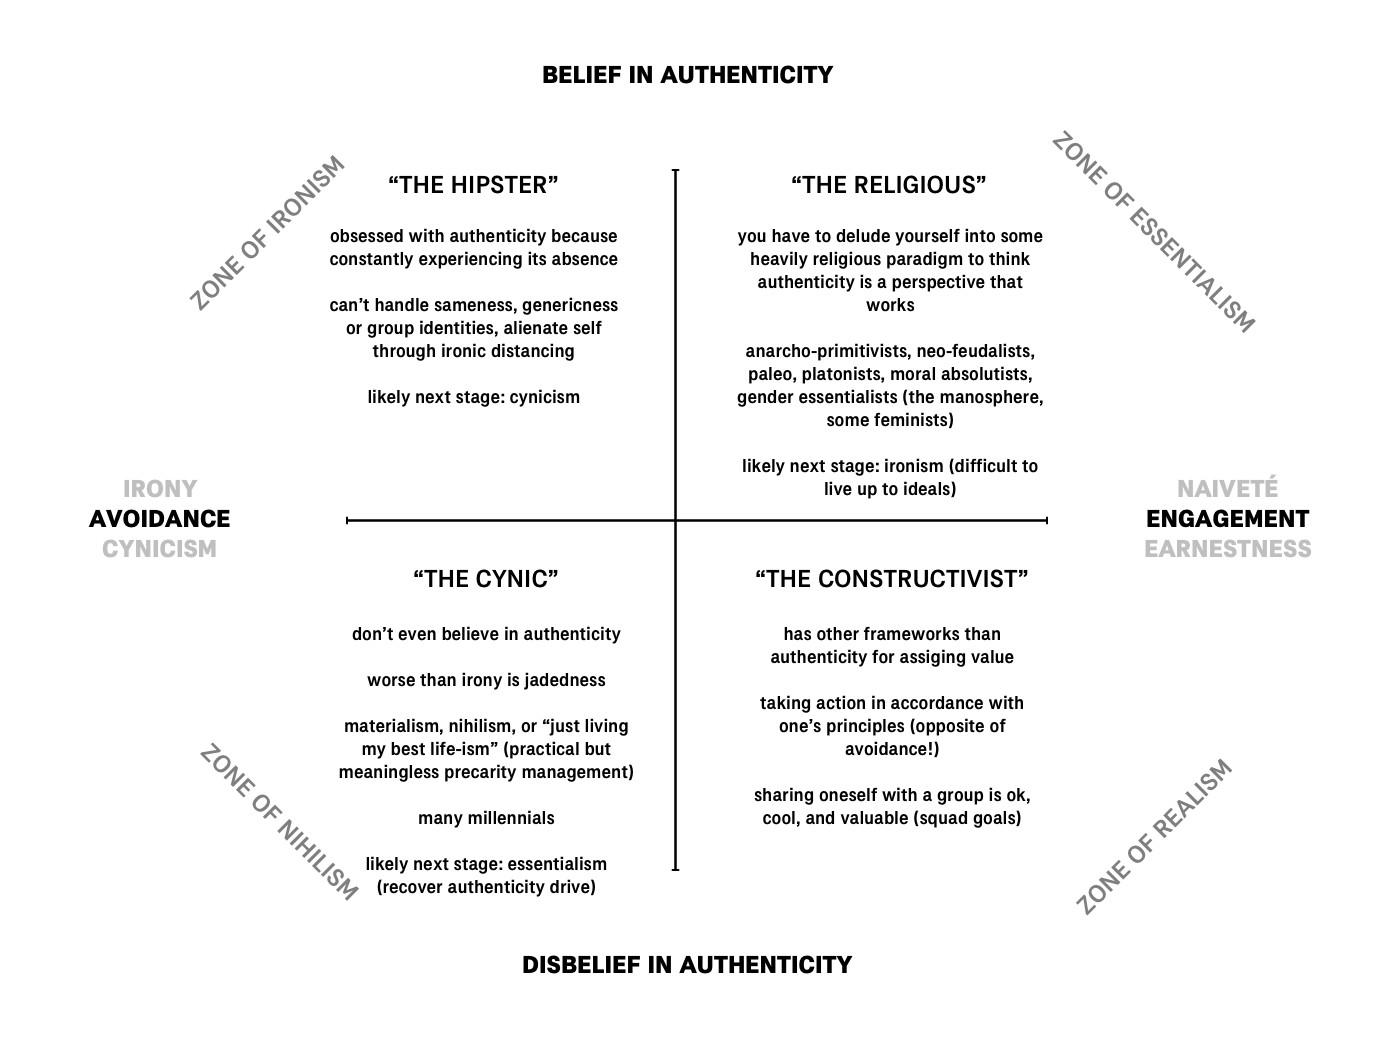 authenticity-2x2-details.png